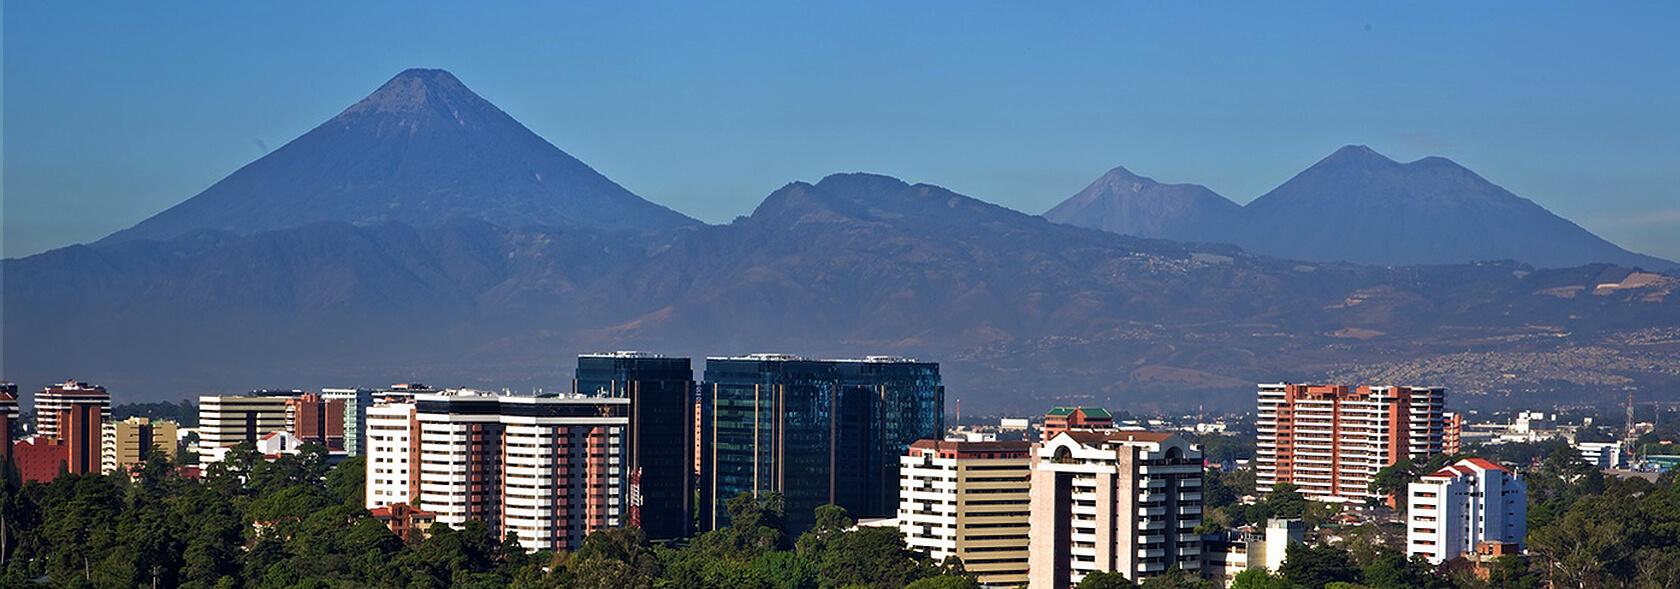 guatemala city, guatemala passport, guatemala citizenship, guatemala residence